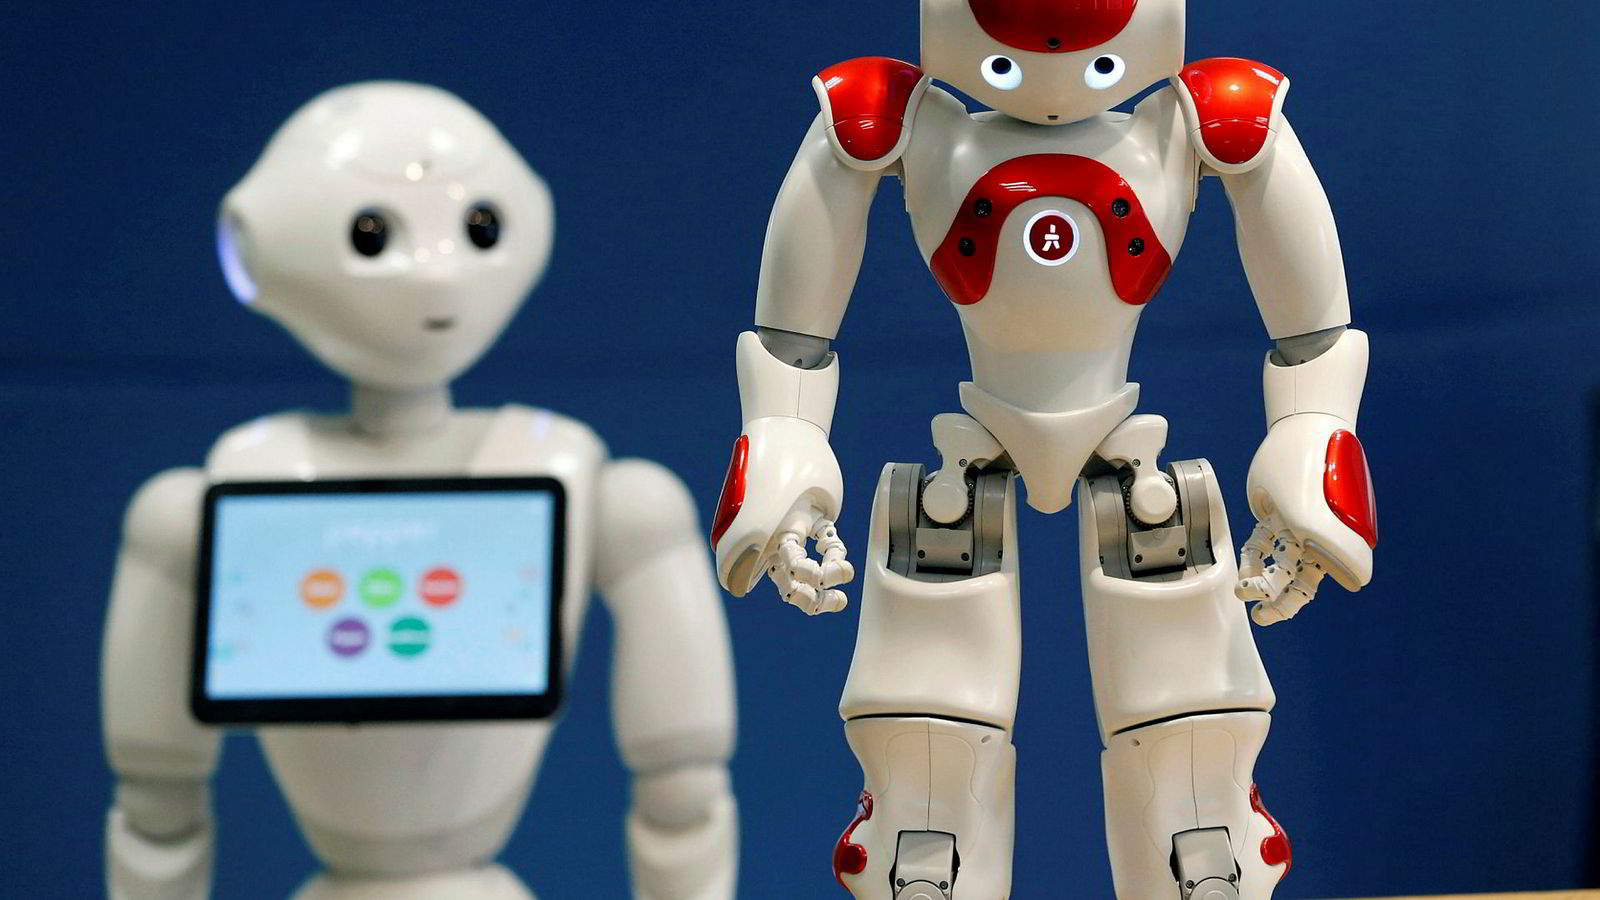 Hver kommune gjør ting på sin måte. En robot utviklet for én kommune kan altså ikke uten videre brukes av en annen kommune, skriver artikkelforfatterne.